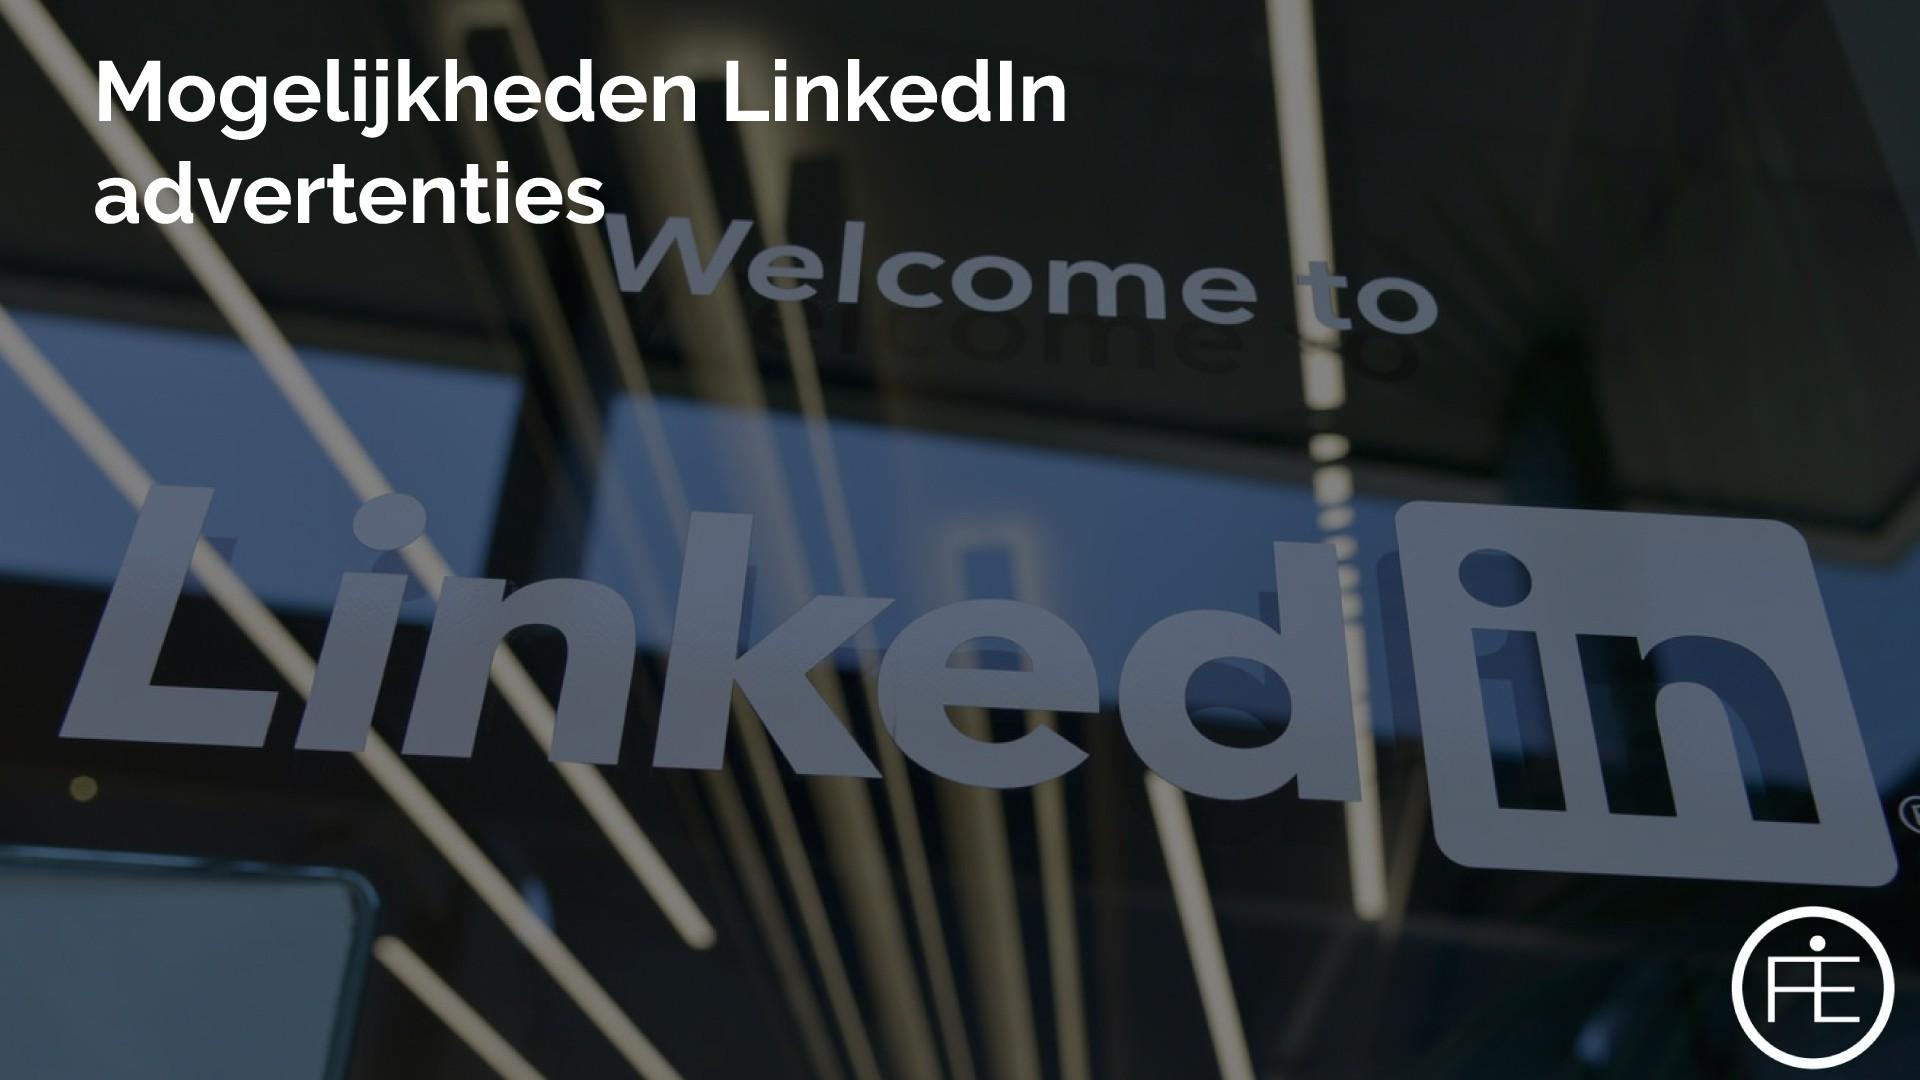 mogelijkheden-linkedin-header-blog